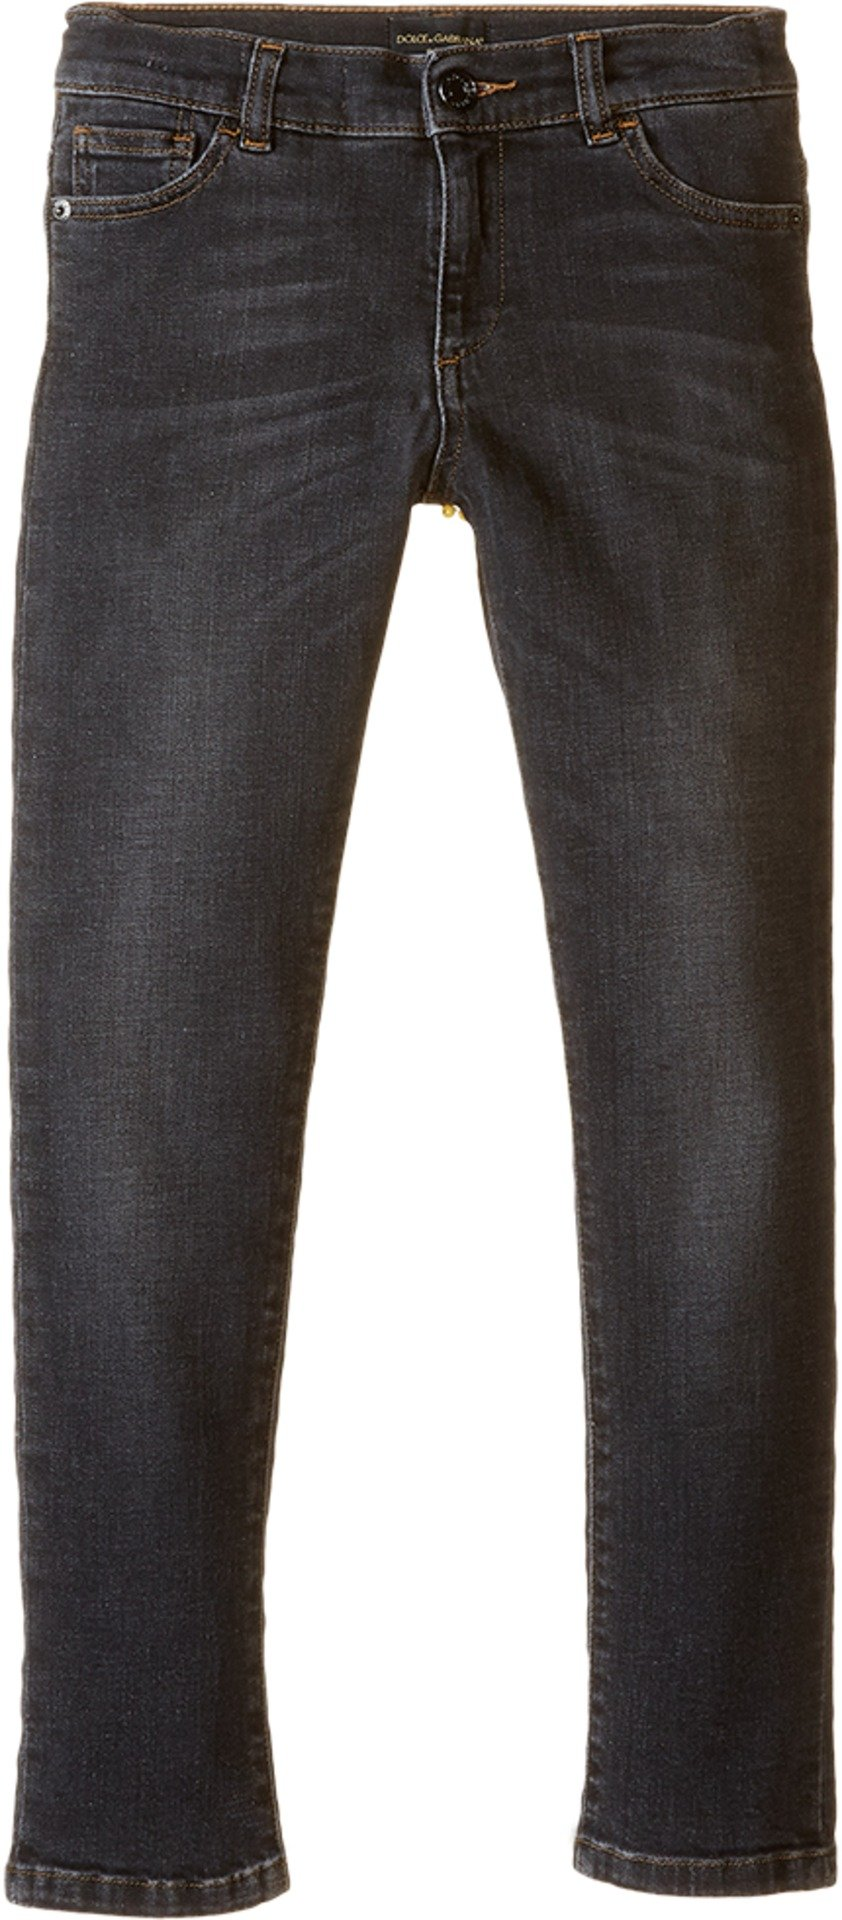 Dolce & Gabbana Kids Boys' Back to School Jeans, Grey Denim, 12 (Big Kids) X One Size by Dolce & Gabbana